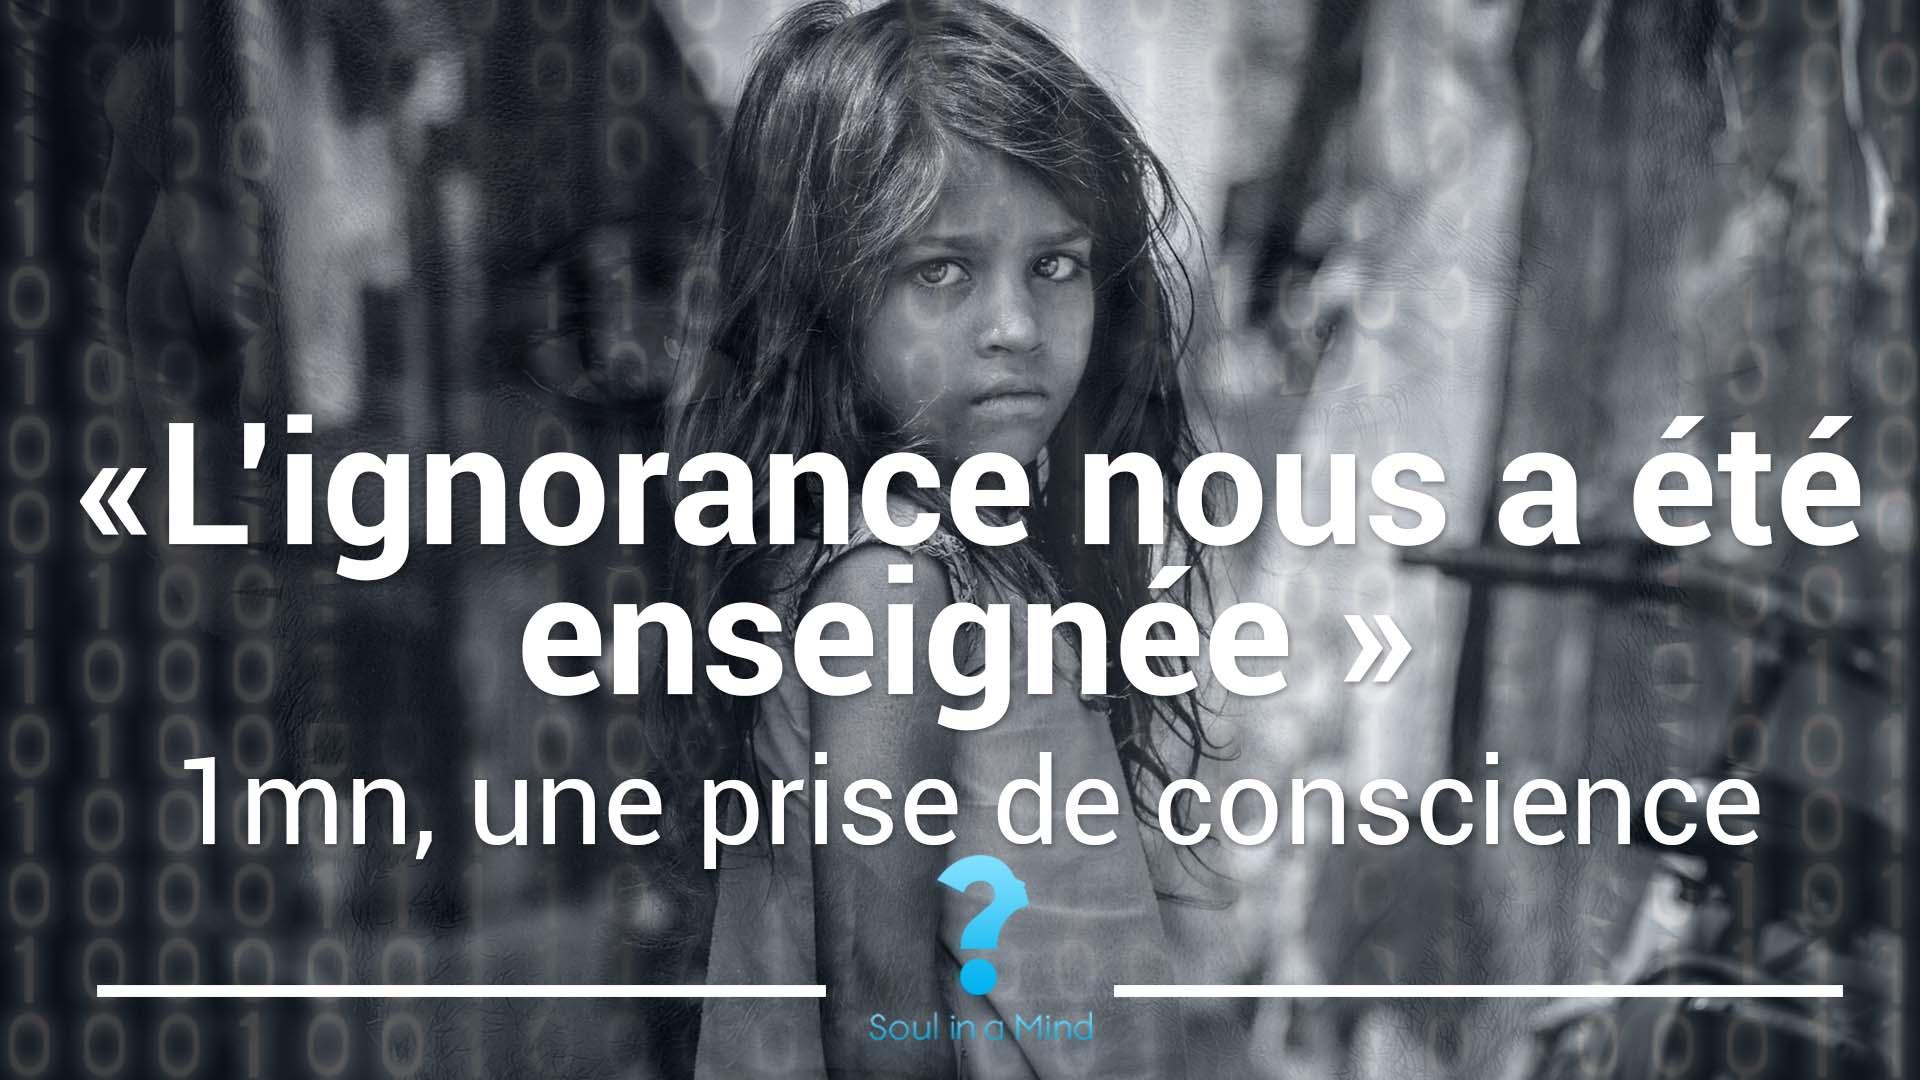 L'ignorance nous a été enseignée